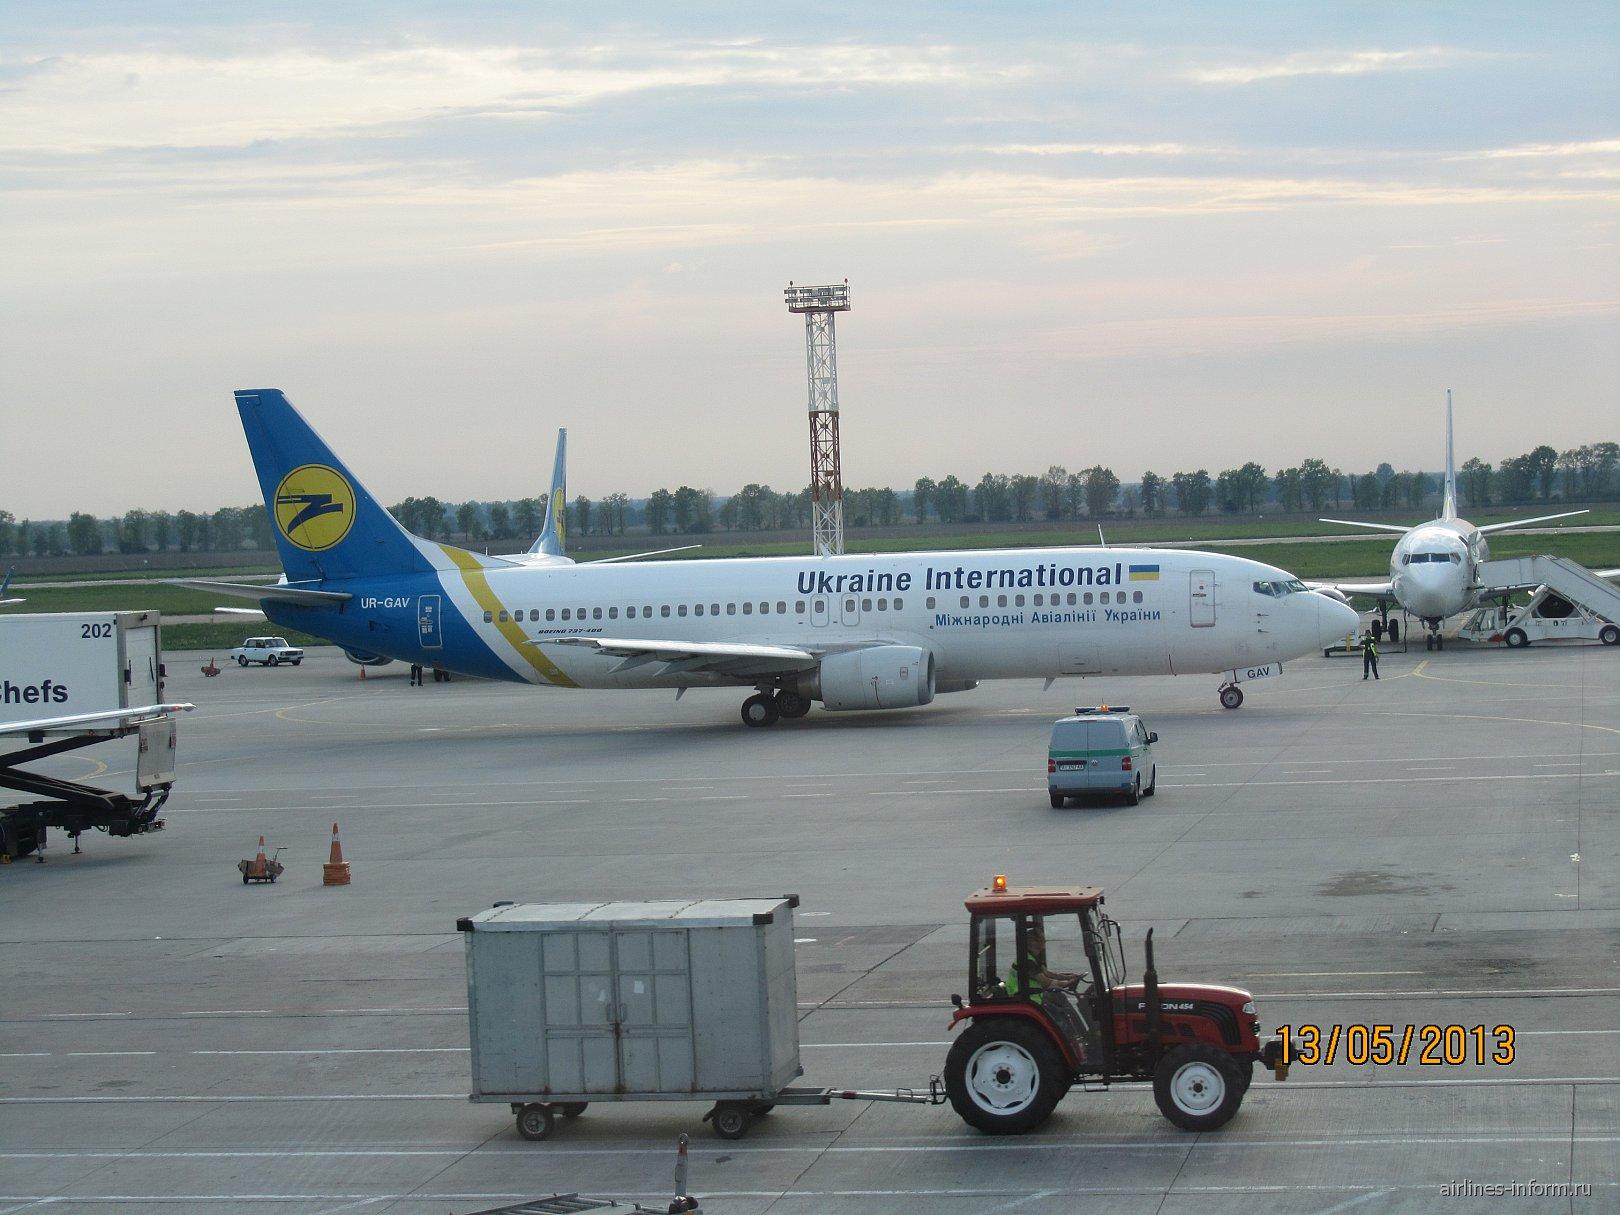 Боинг-737-300 Международных авиалиний Украины в римском аэропорту Фьюмичино